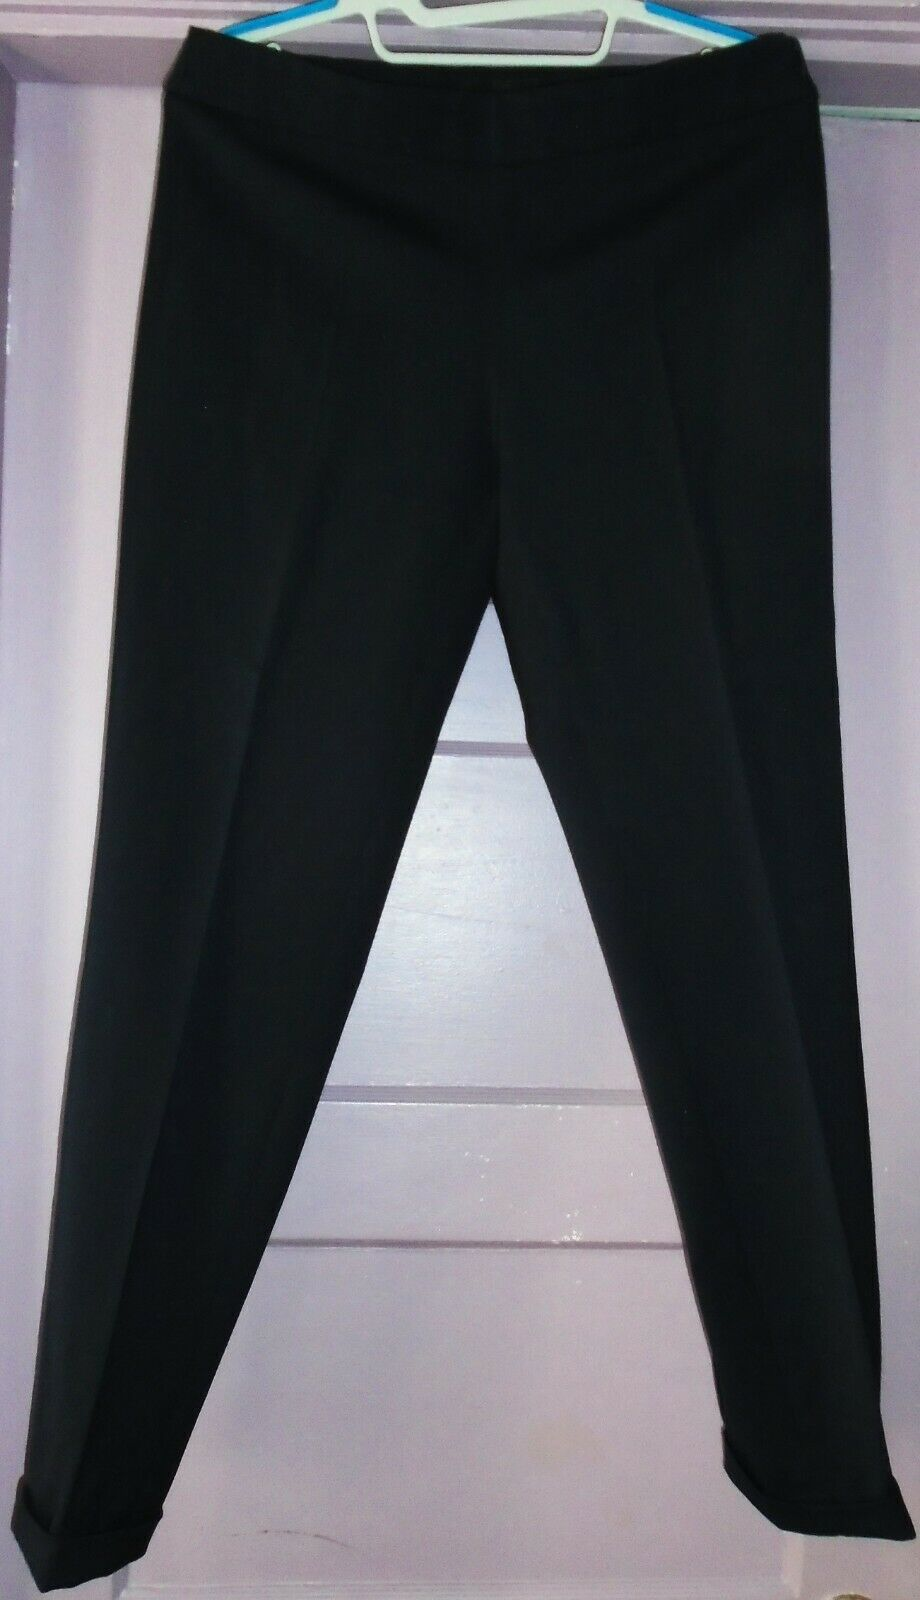 Emporio Armani Skinny ankle Dress Pants dark navy Blau, wool, not lined, Größe 42